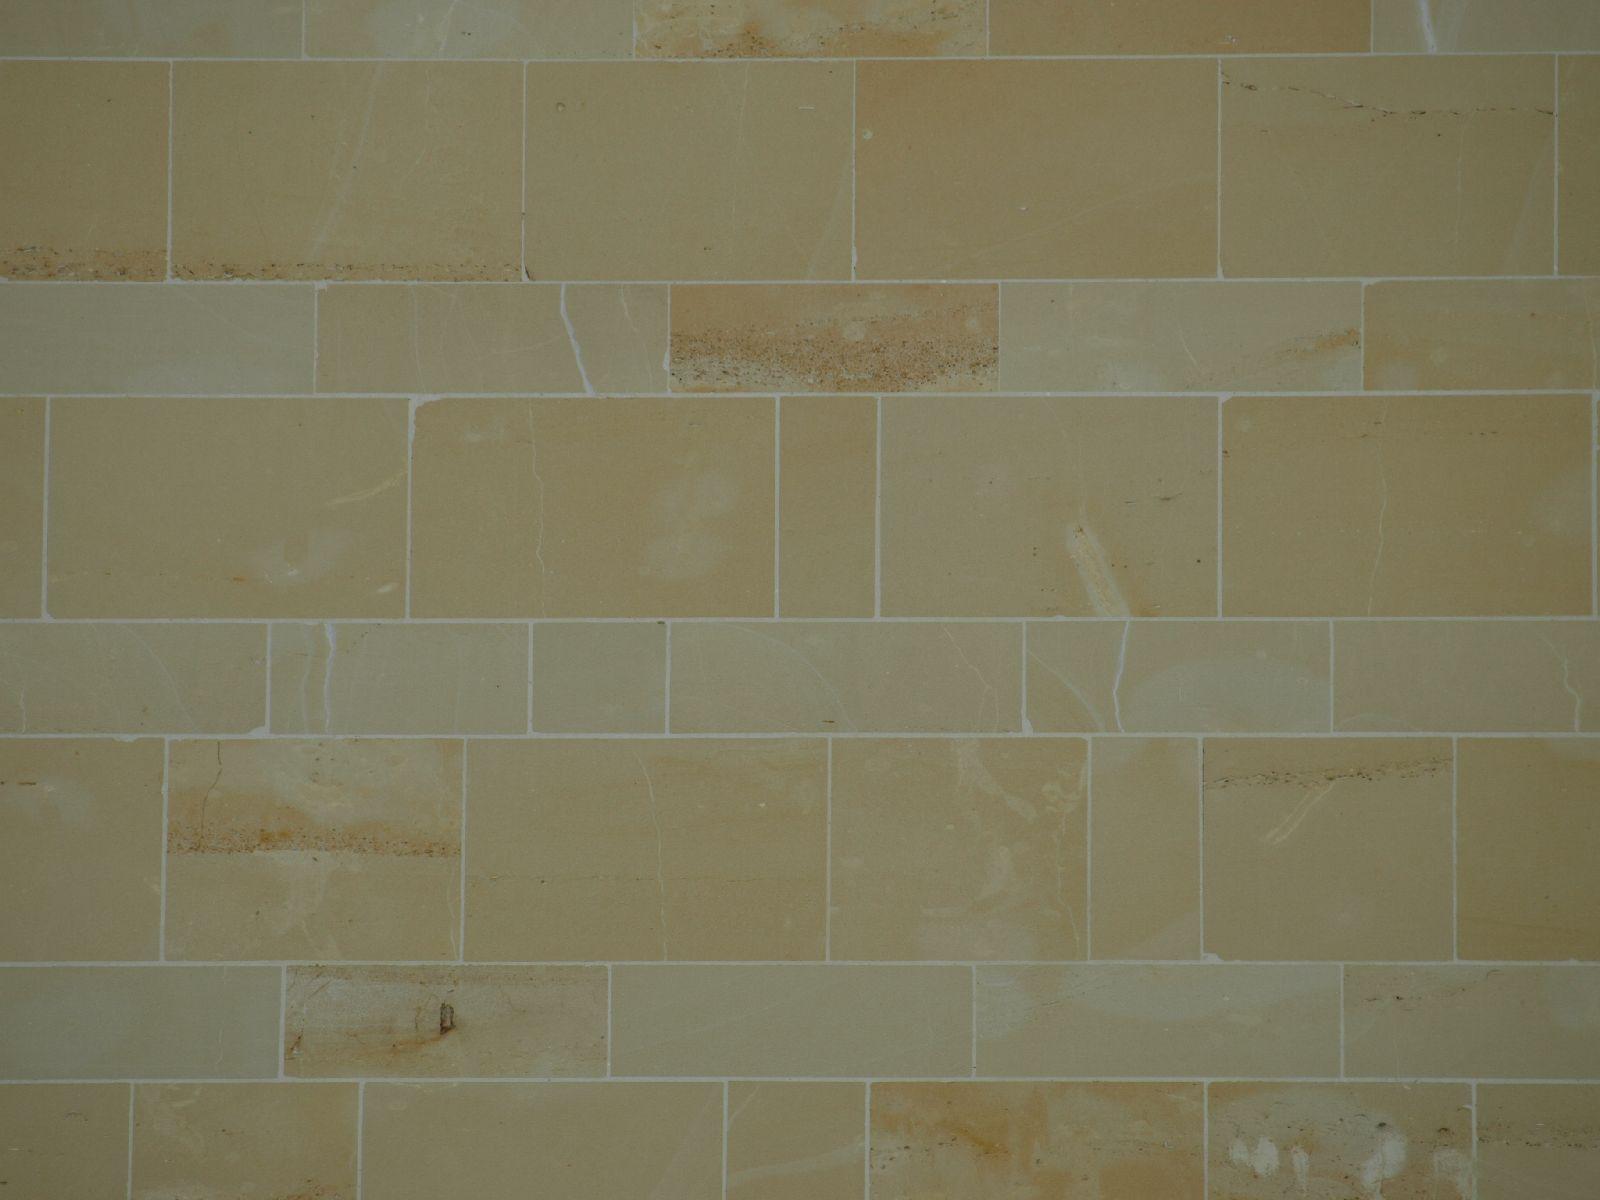 Wand-Steinbloecke-Quader_Textur_A_P6137282